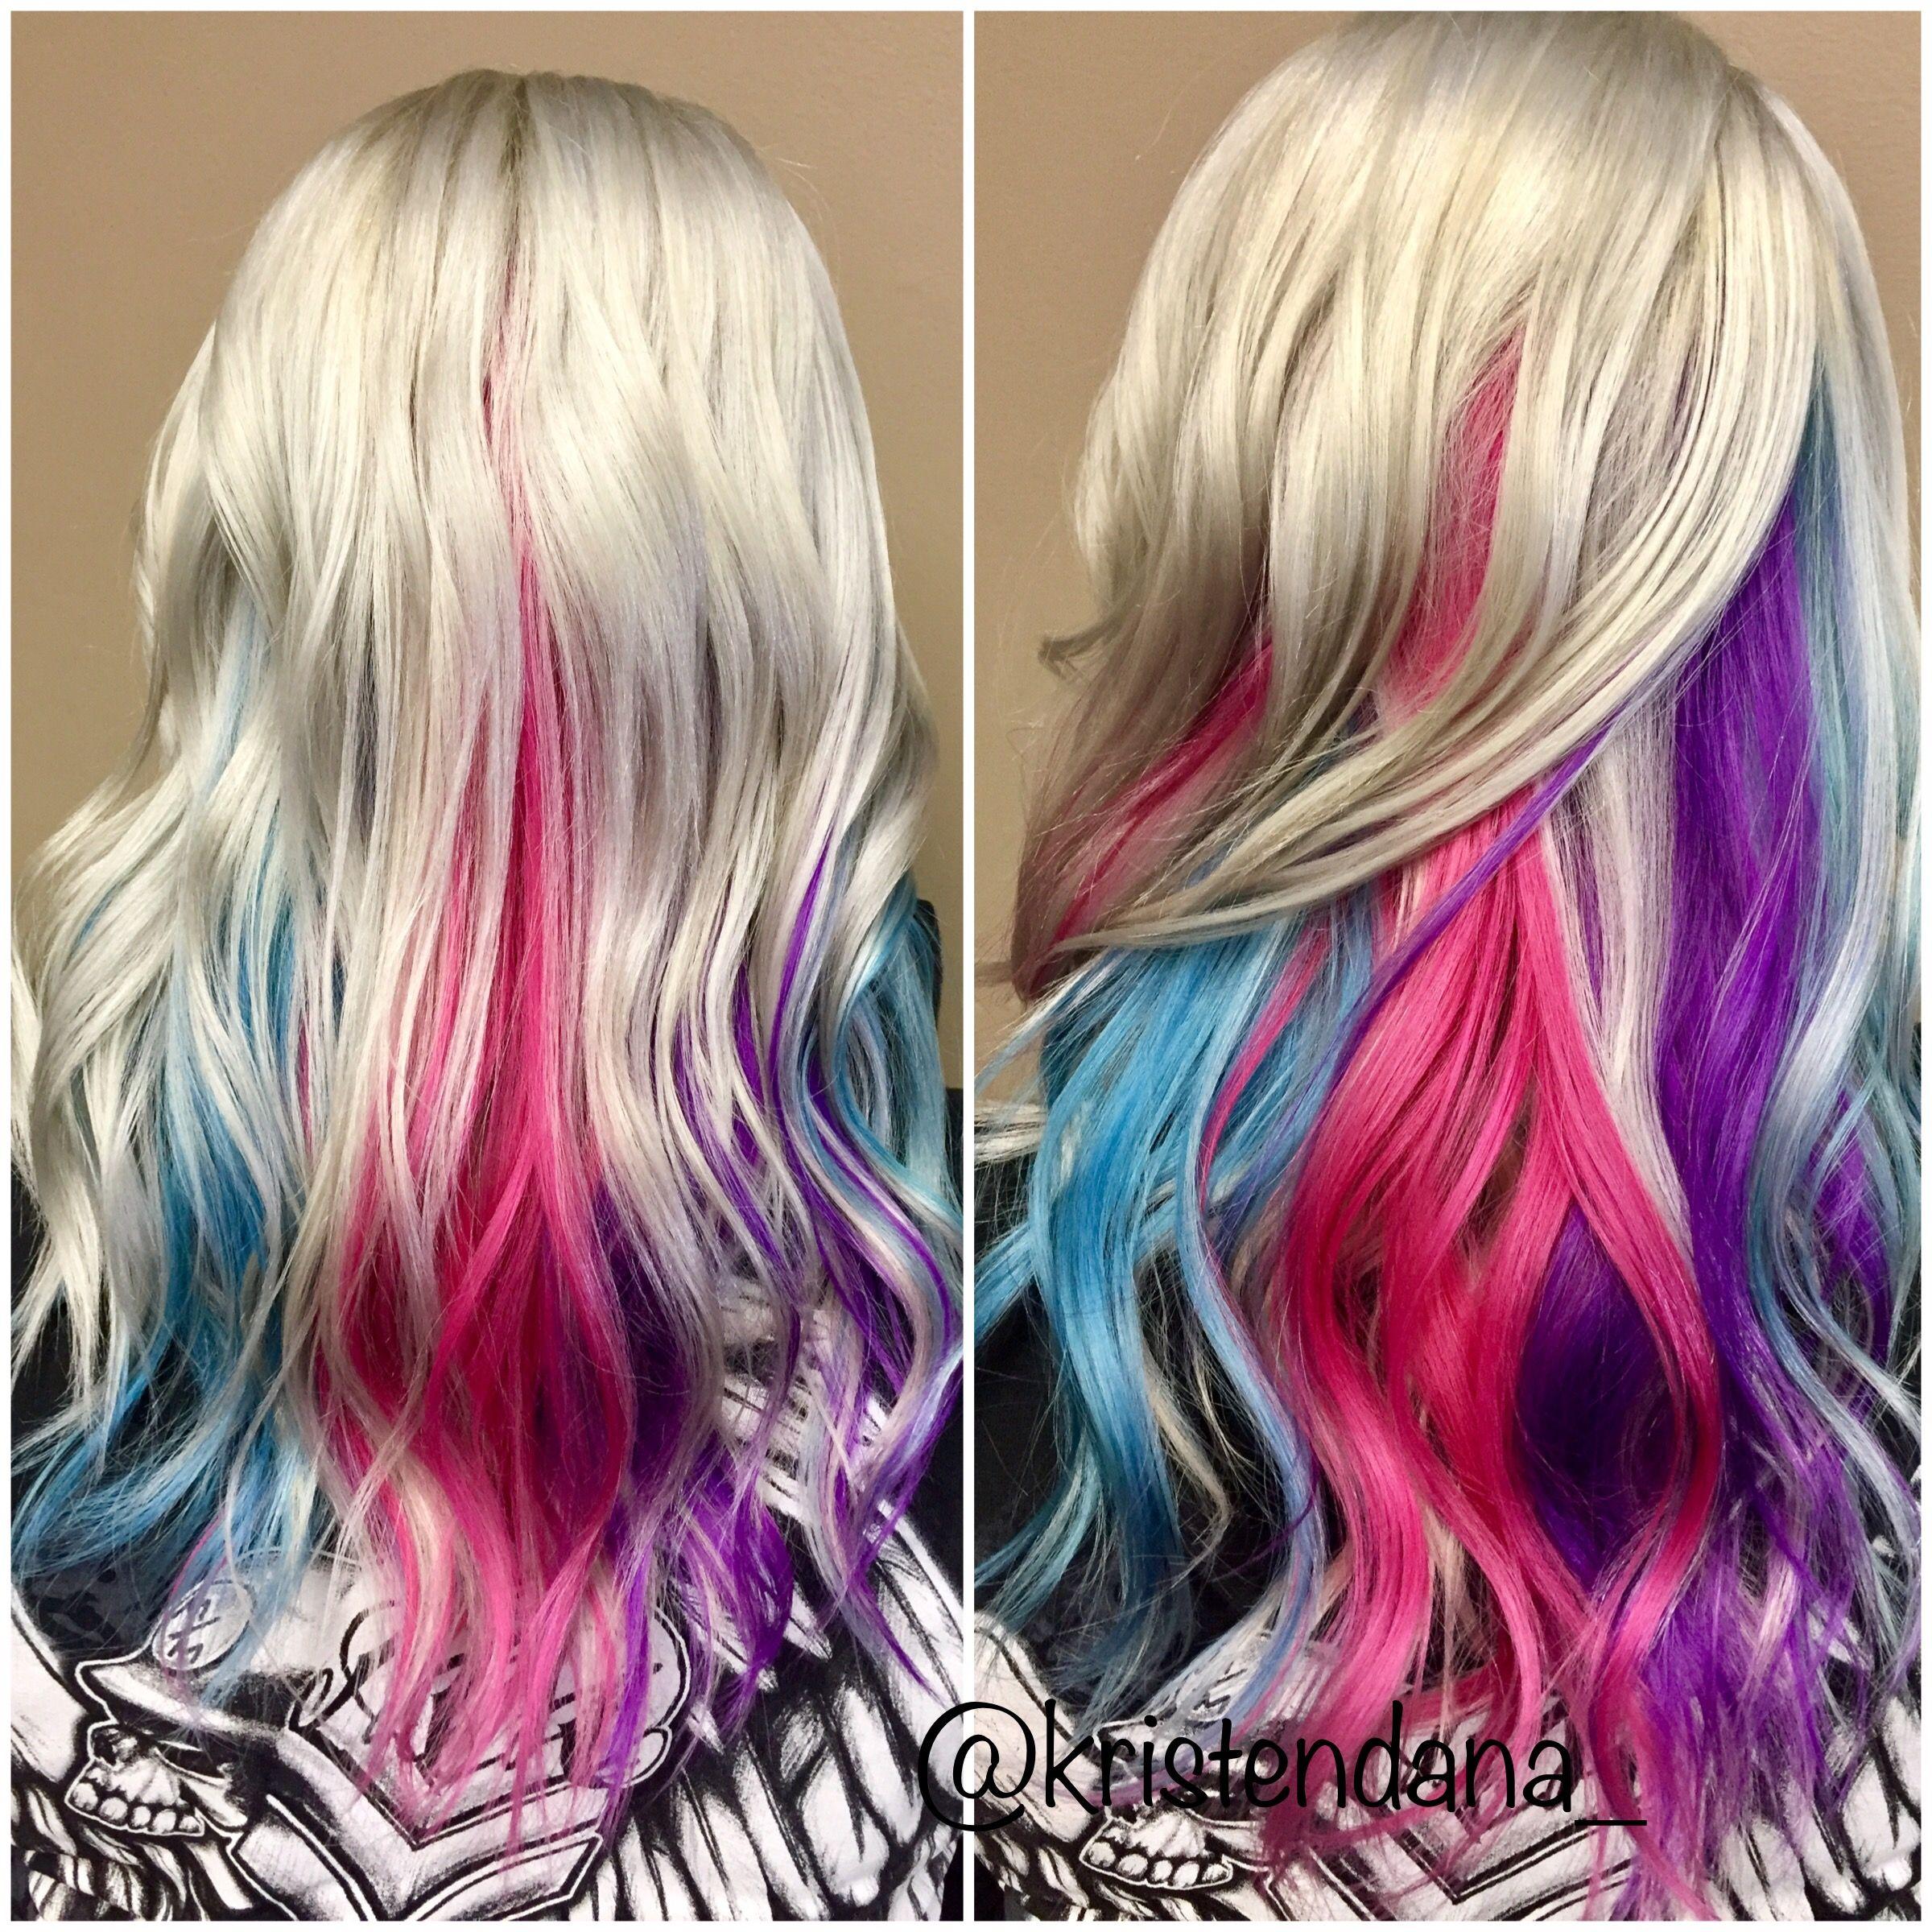 Joico hair color tags color jocio joico - Unicorn Rainbow Hair Using Joico Color Intensity